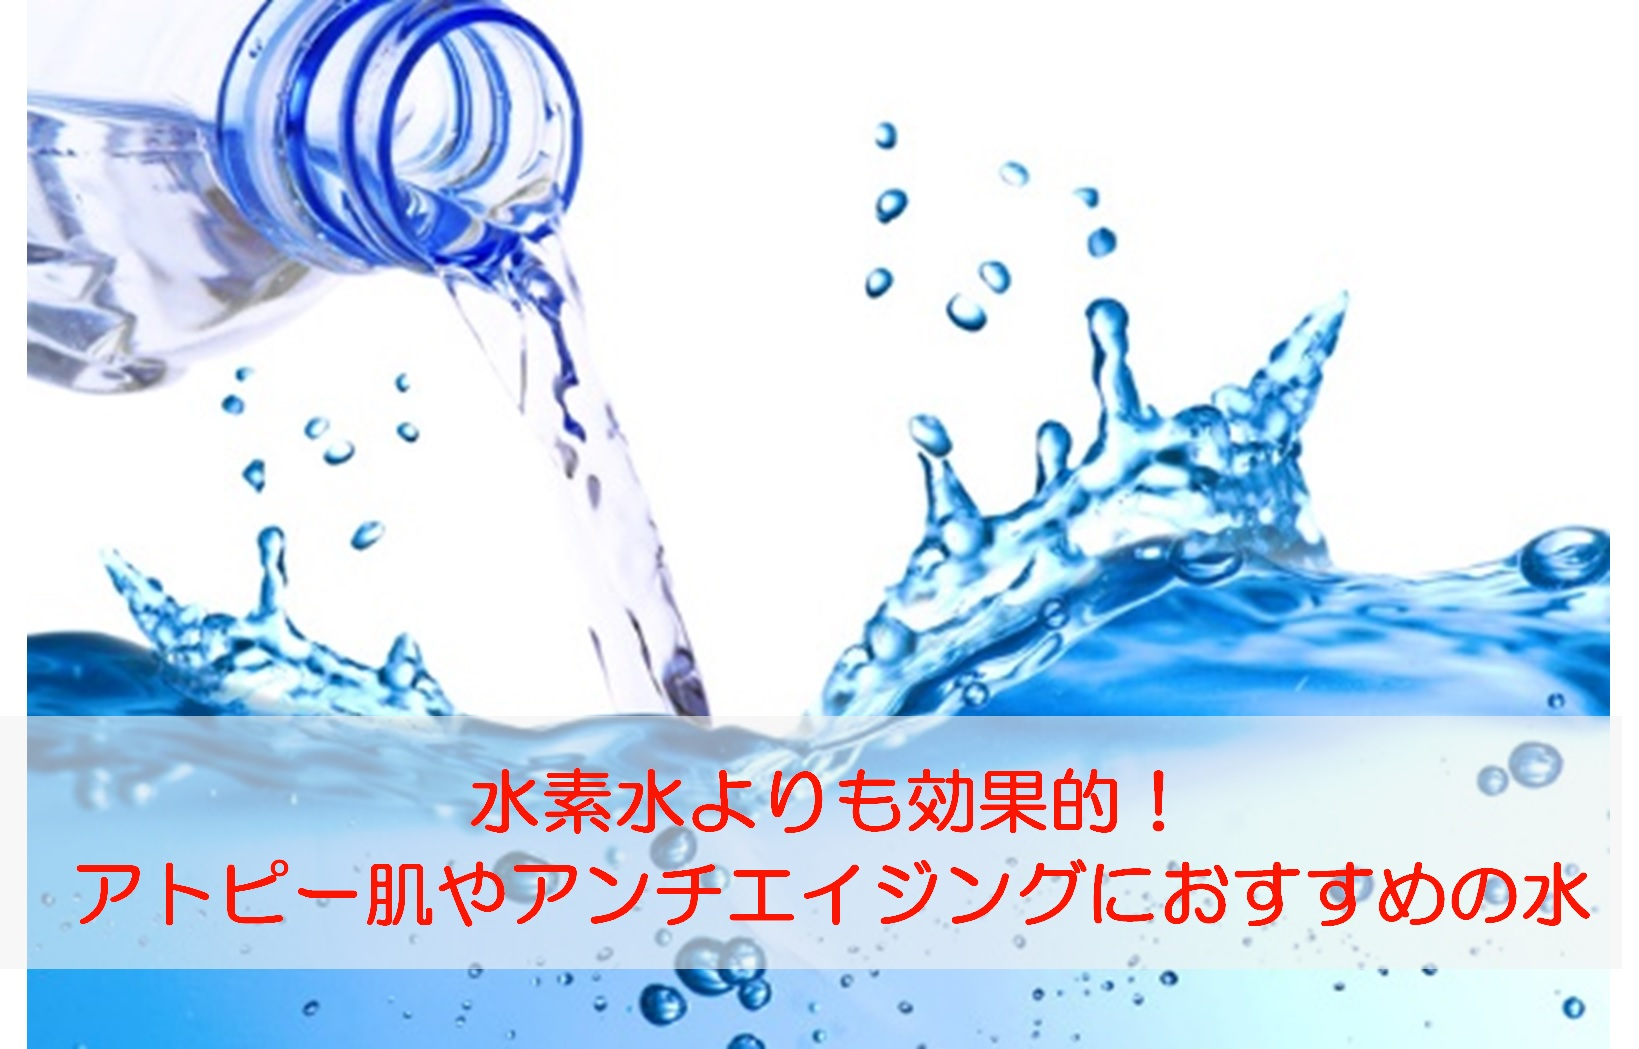 水素水よりもアトピー肌におすすめの水